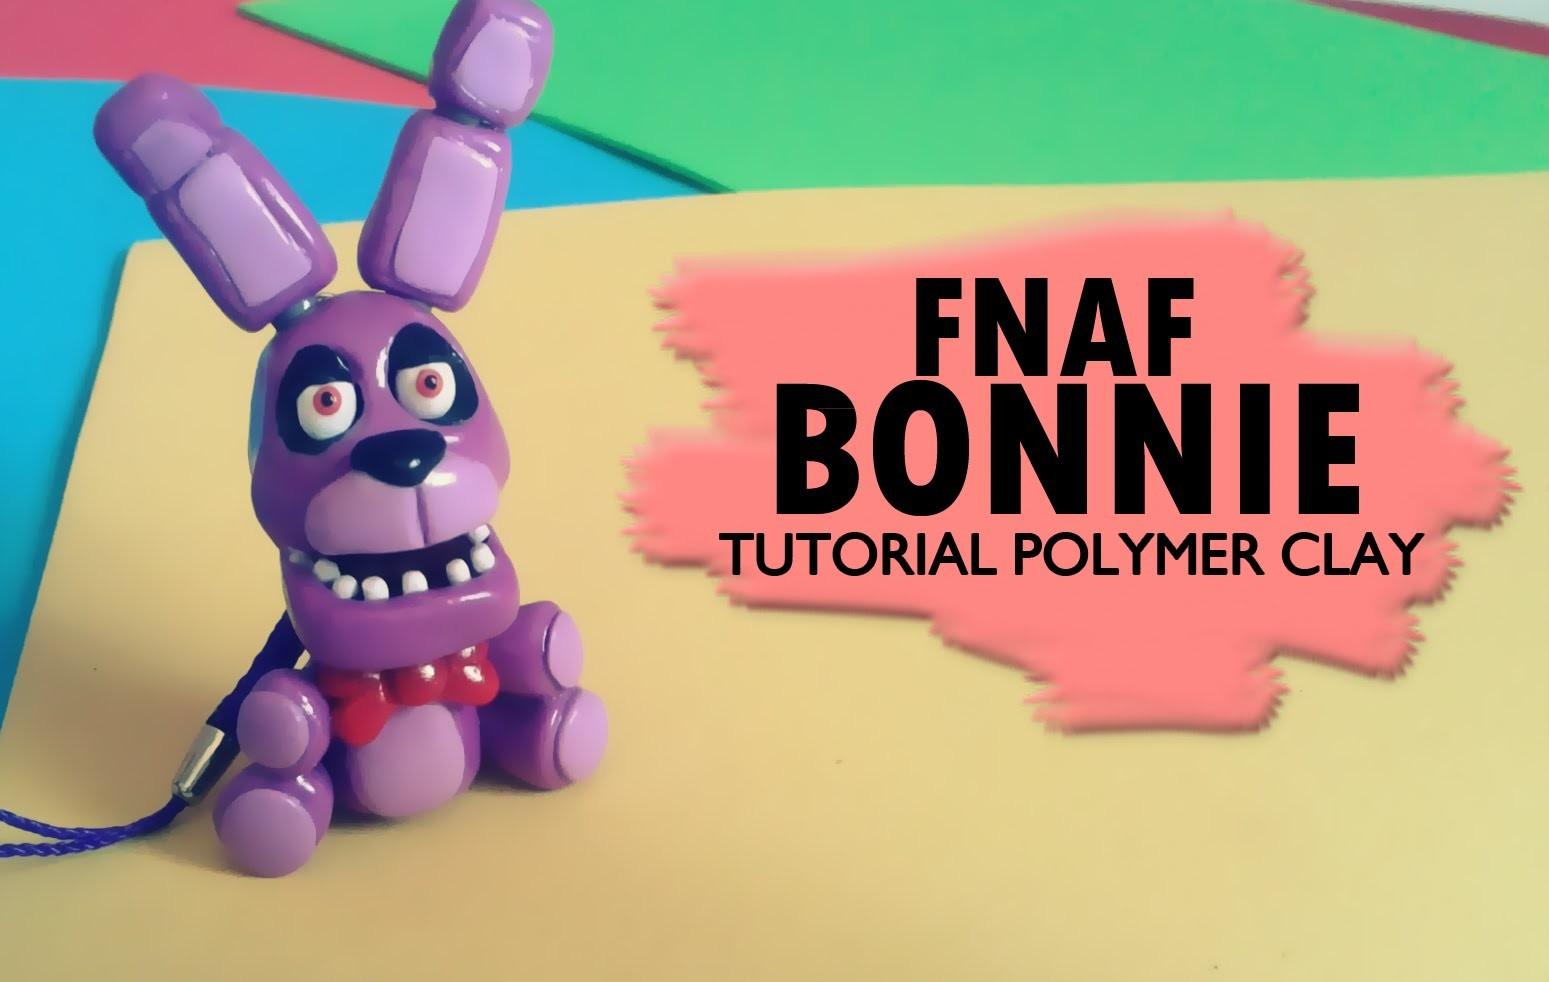 Bonnie FNAF Polymer Clay Tutorial. Boonie FNAF